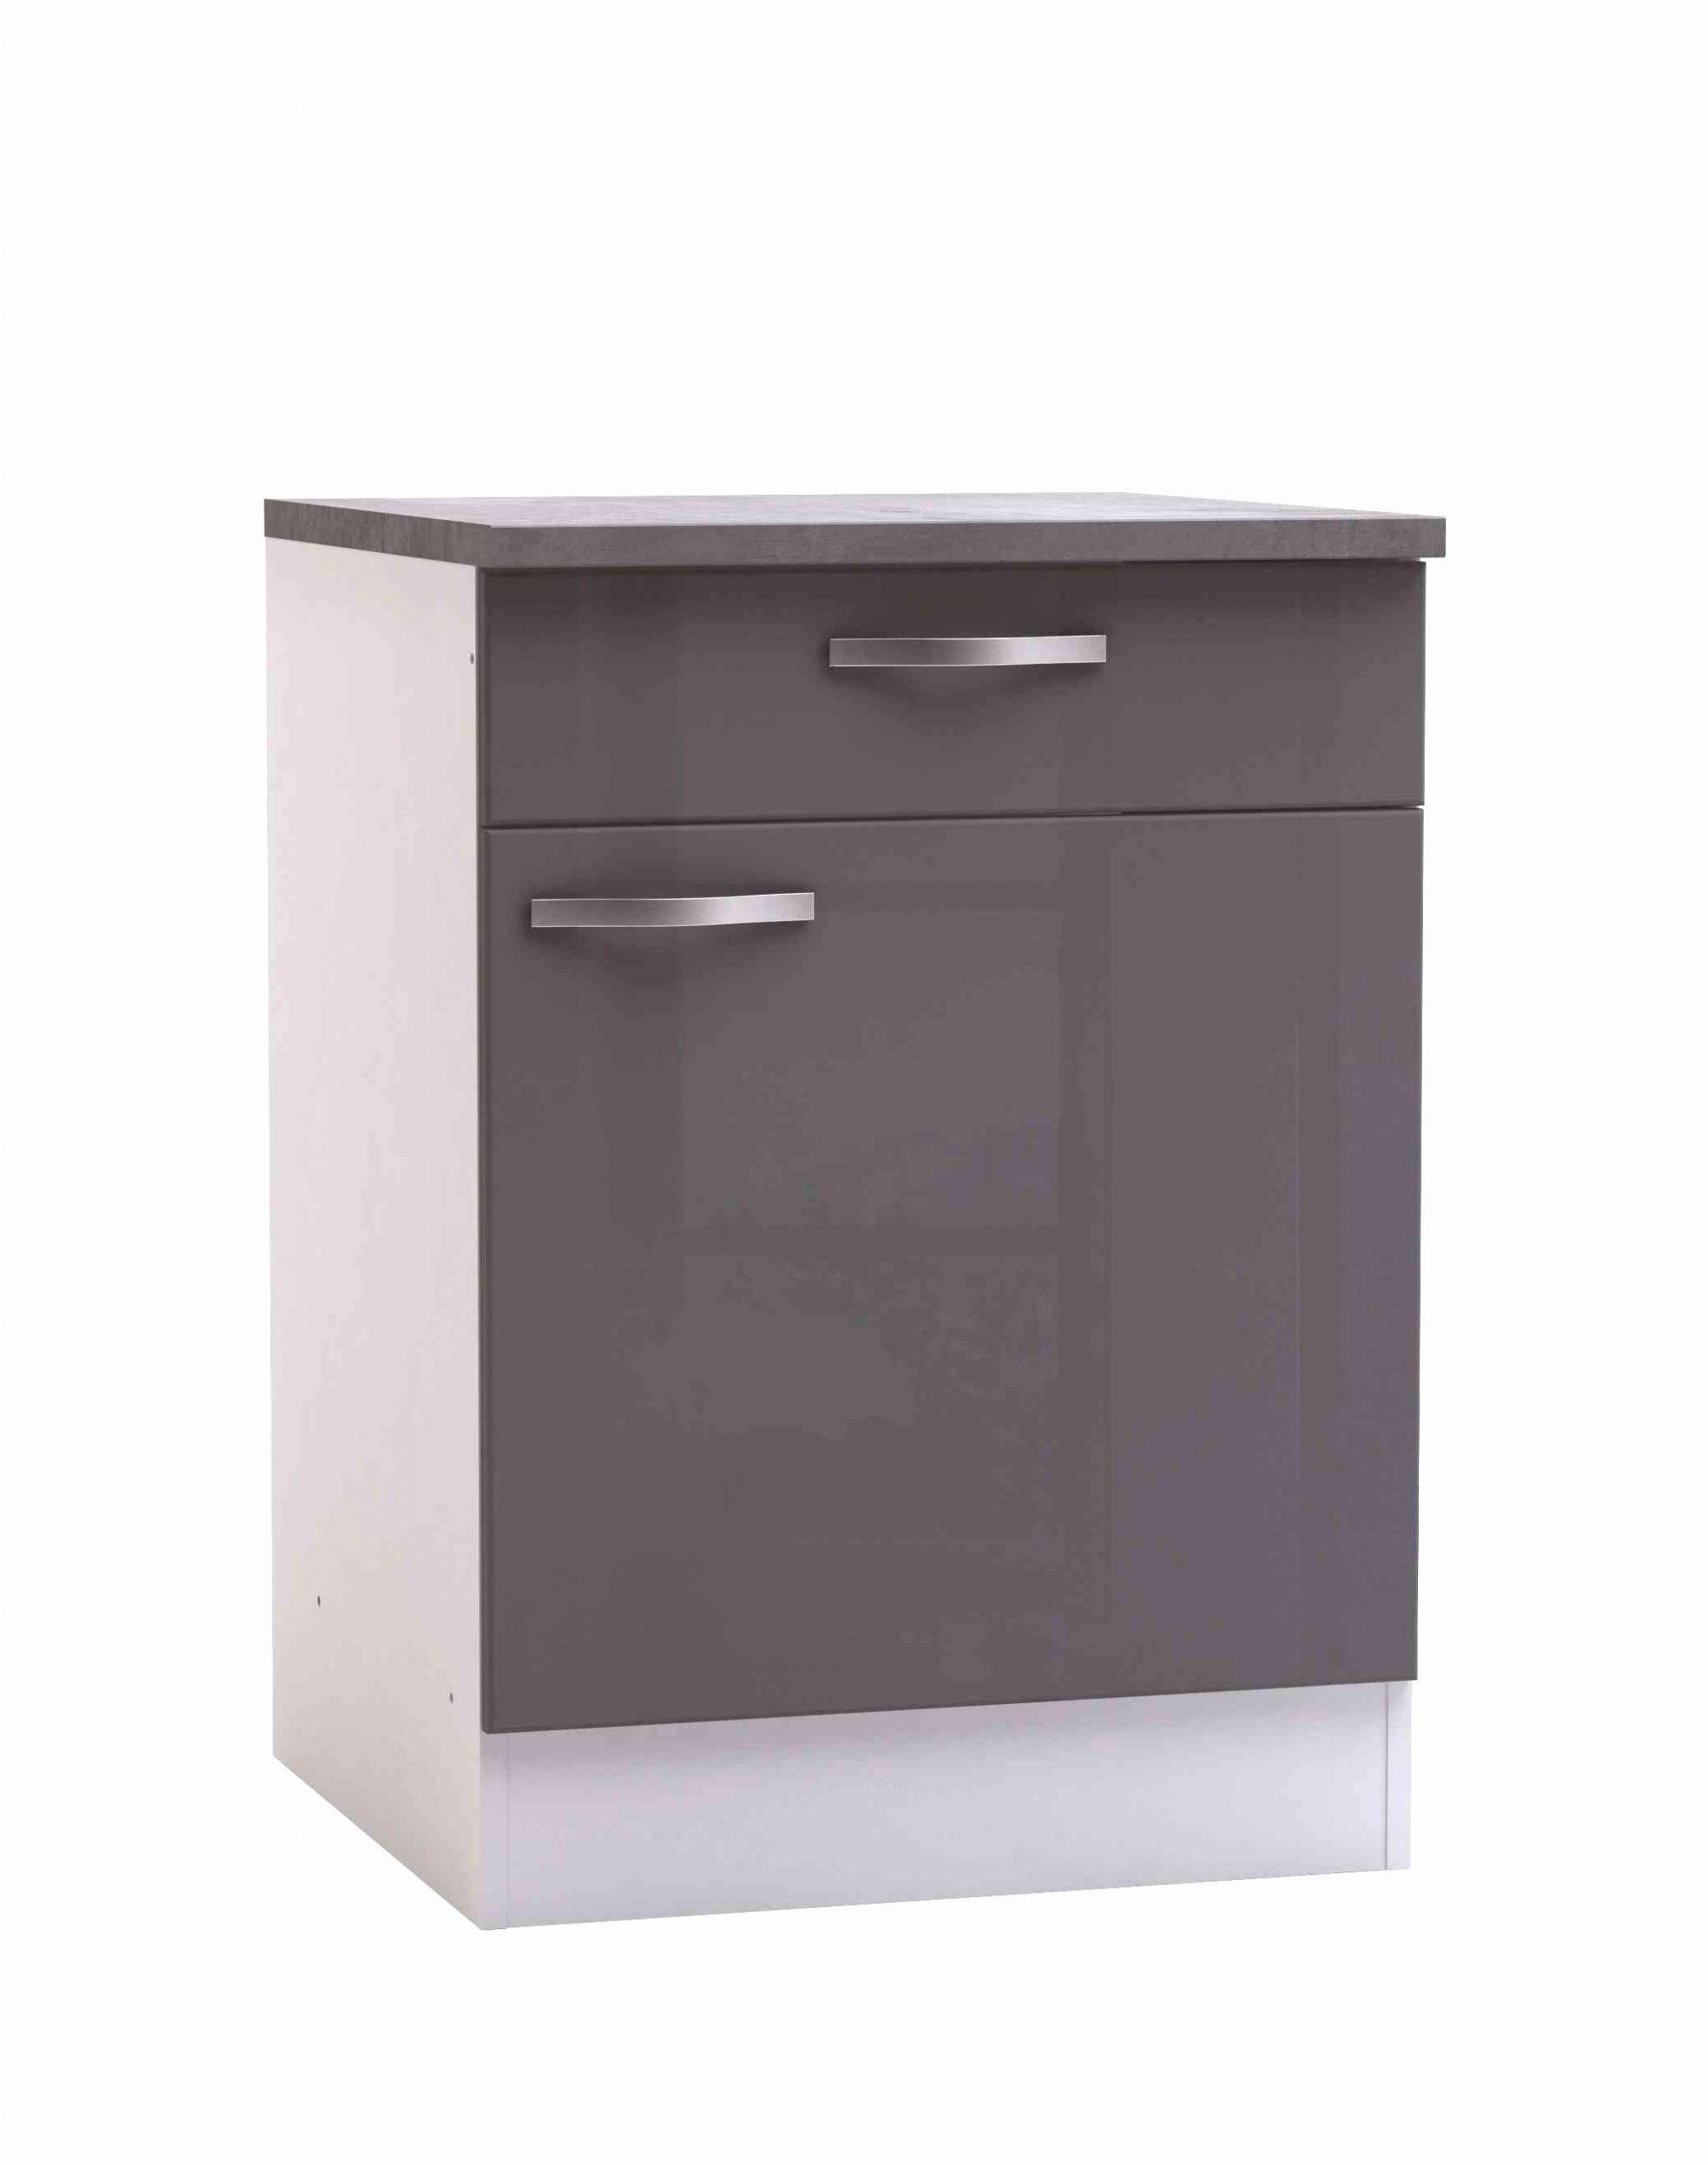 petit meuble de cuisine pas cher genial petit meuble bas cuisine meilleur de mobilier cuisine 0d archives de of petit meuble de cuisine pas cher